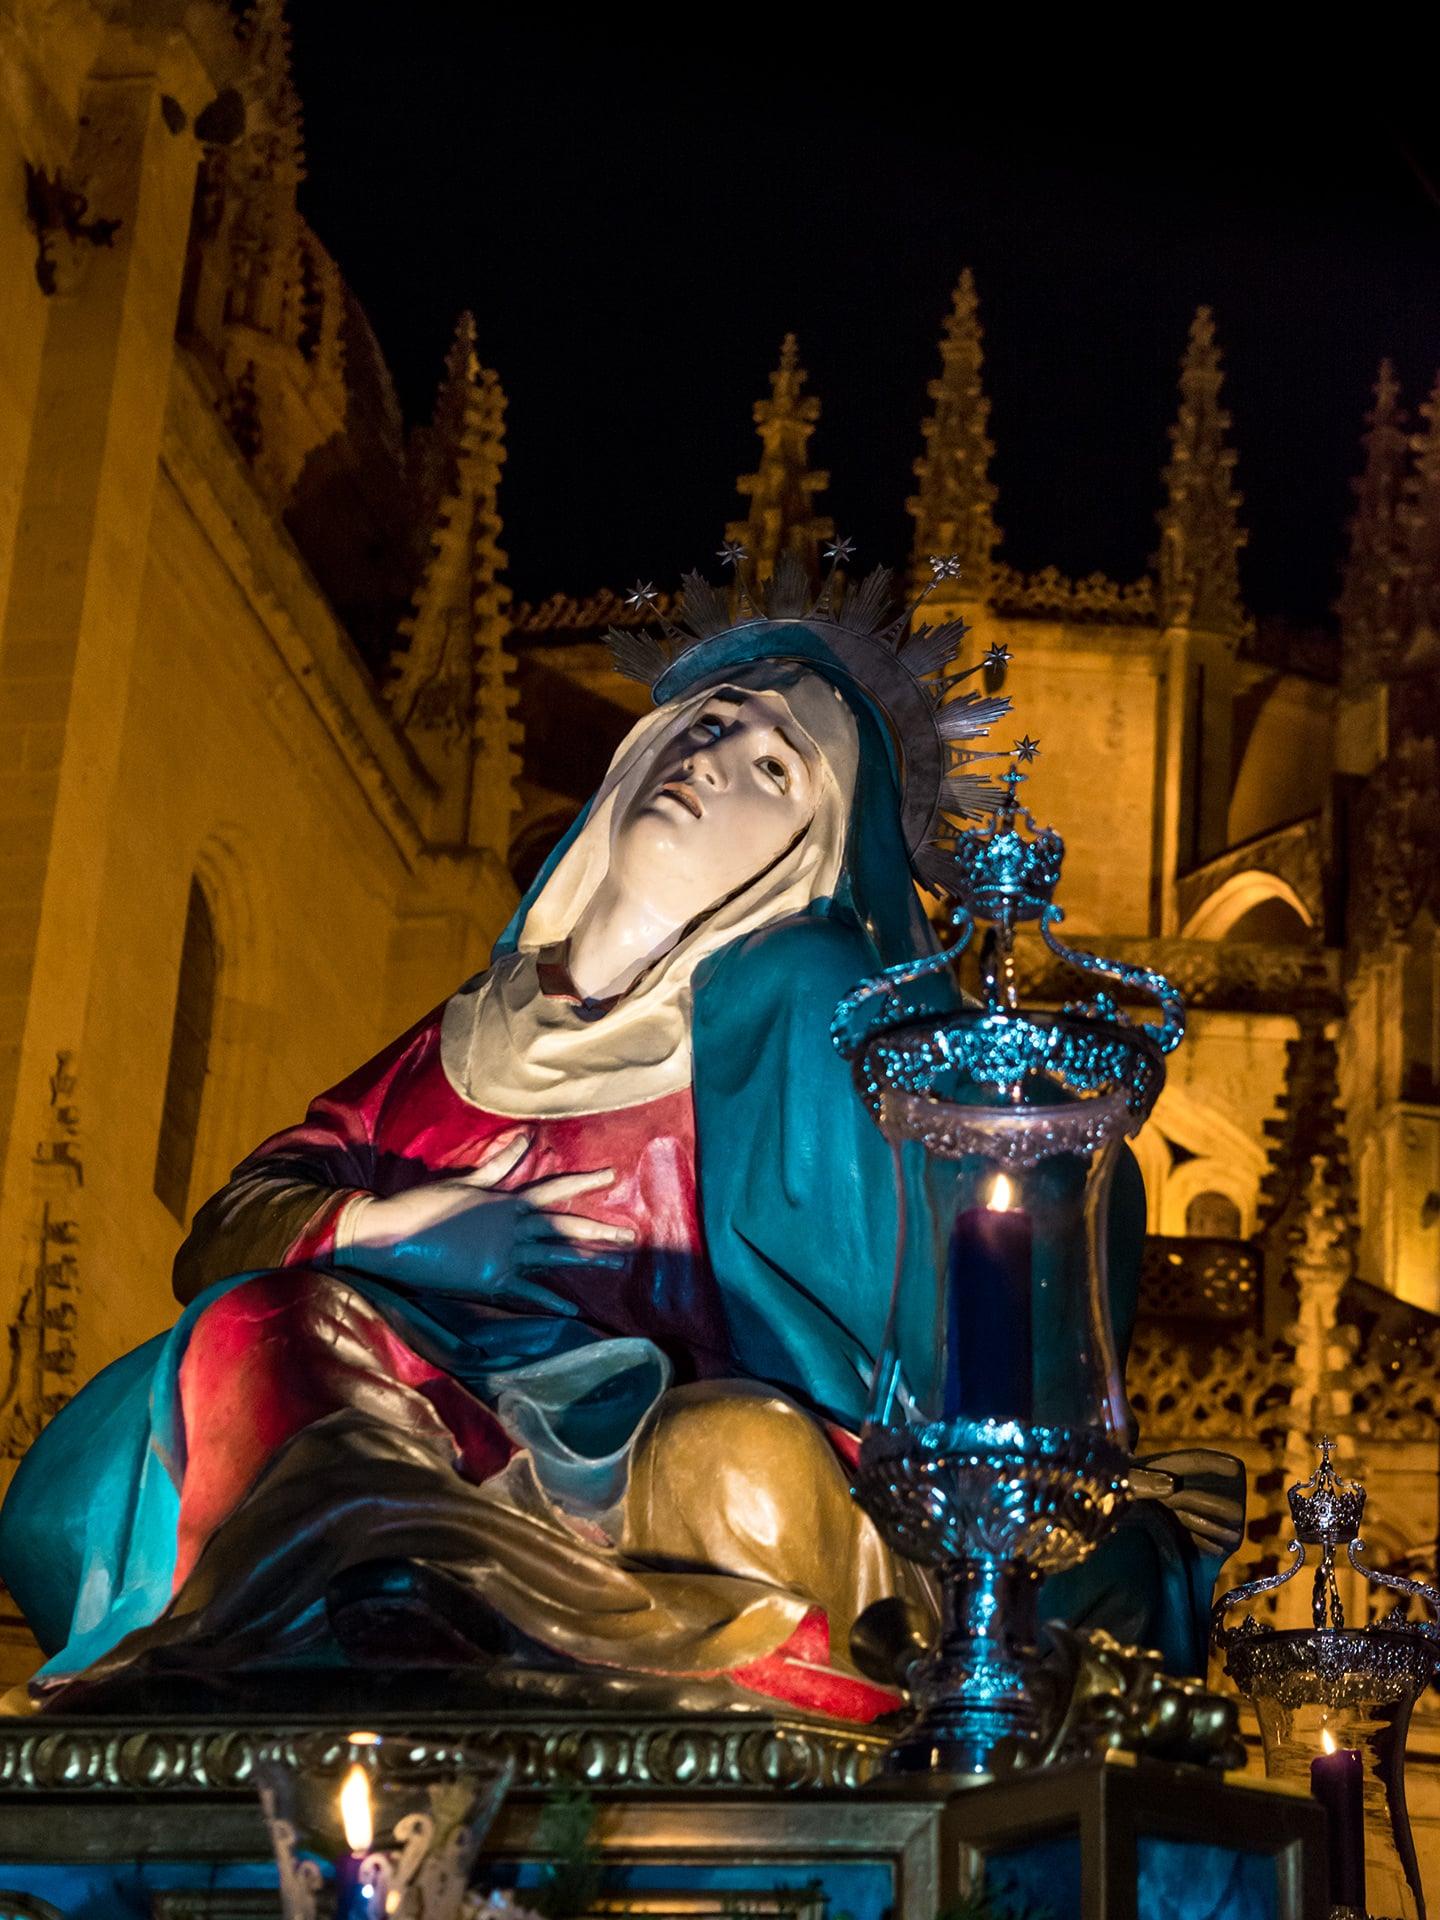 Virgen de las angustias, ADEMAR, viernes de colores, Segovia (Manu Rodrigo)